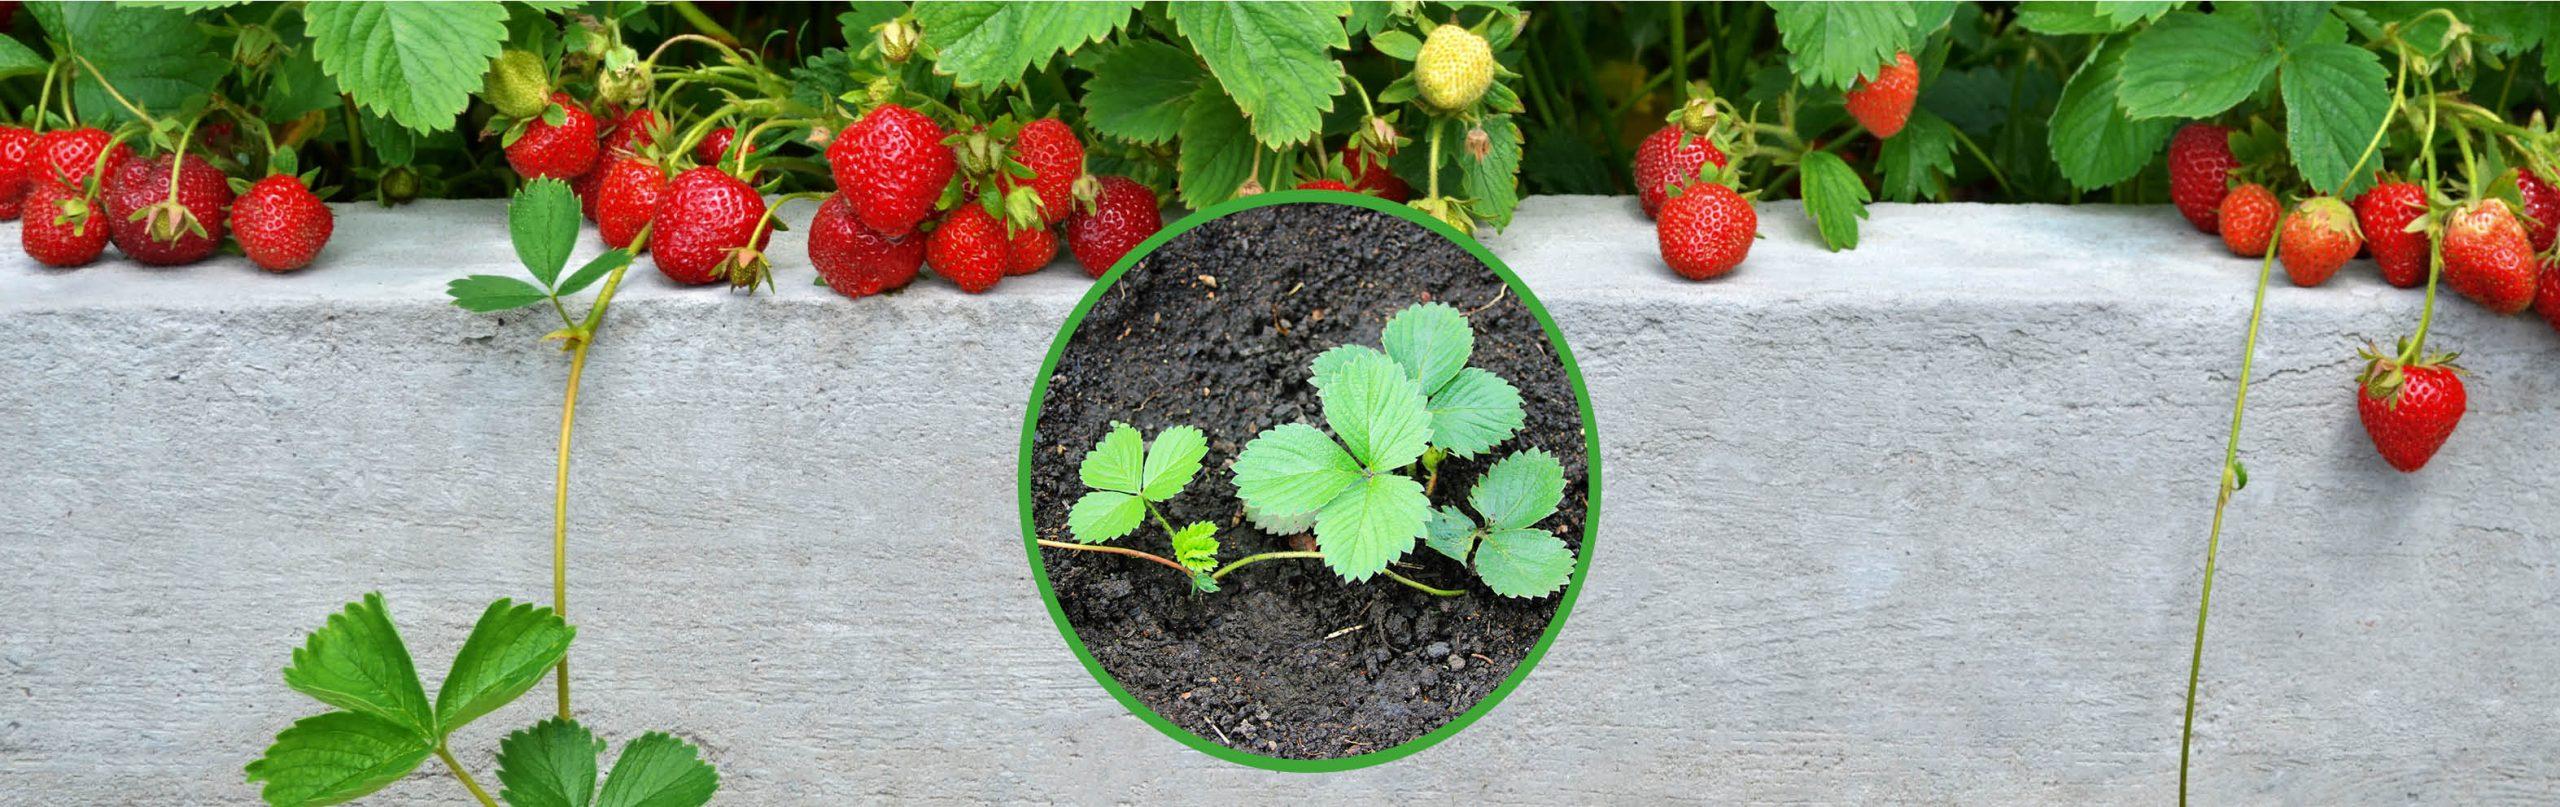 Erdbeer-Ableger – so ziehst du dir neue Pflanzen